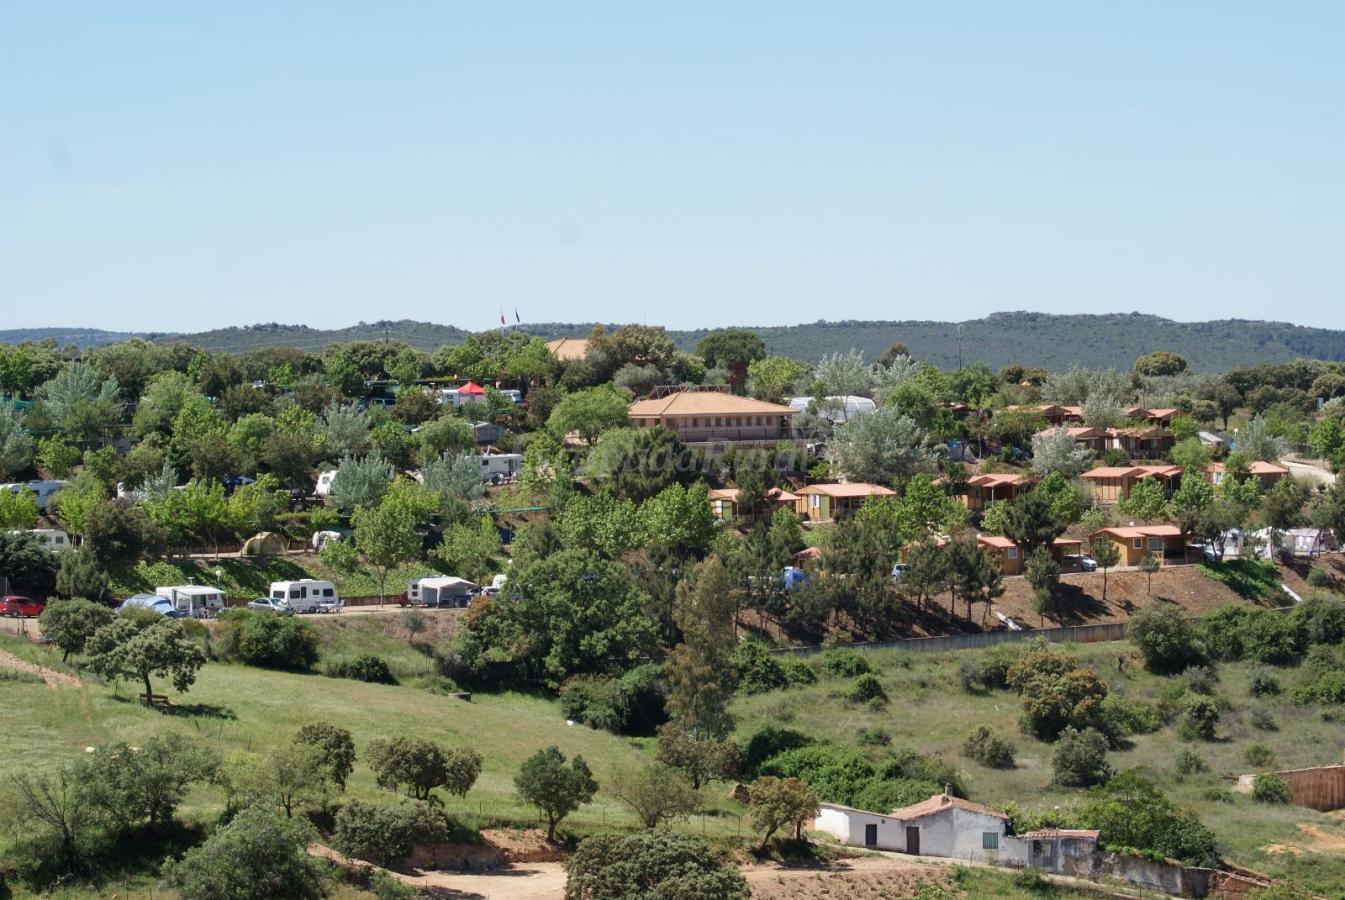 Fotos de el mirador de caba eros casa rural en horcajo de los montes ciudad real - Casa rural horcajo de los montes ...